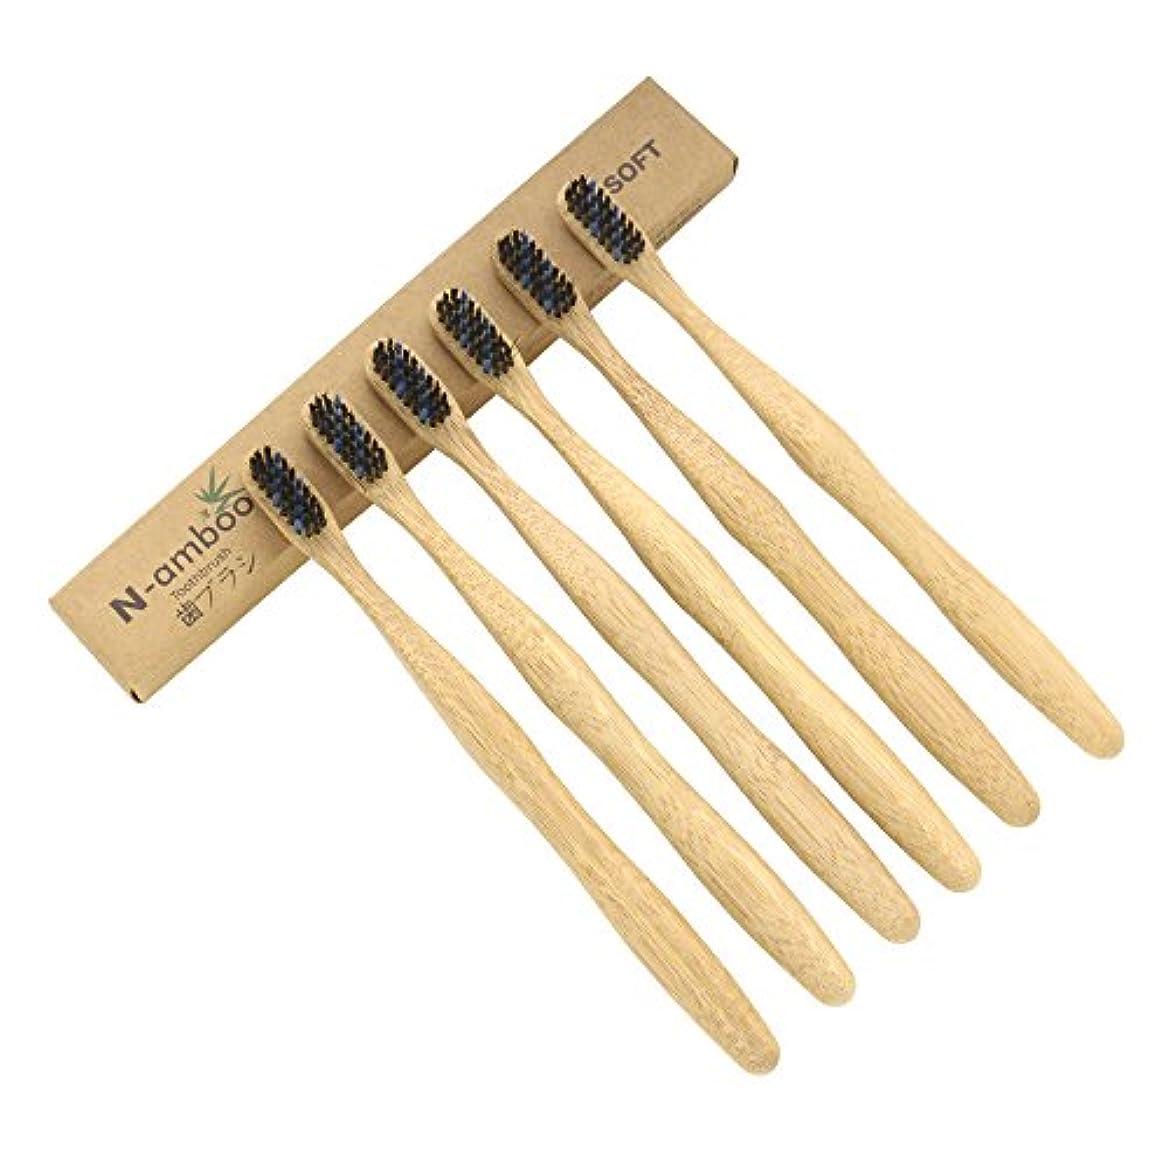 重力定義する硬化するN-amboo 竹製耐久度高い 歯ブラシ 黒と青 6本入り セット